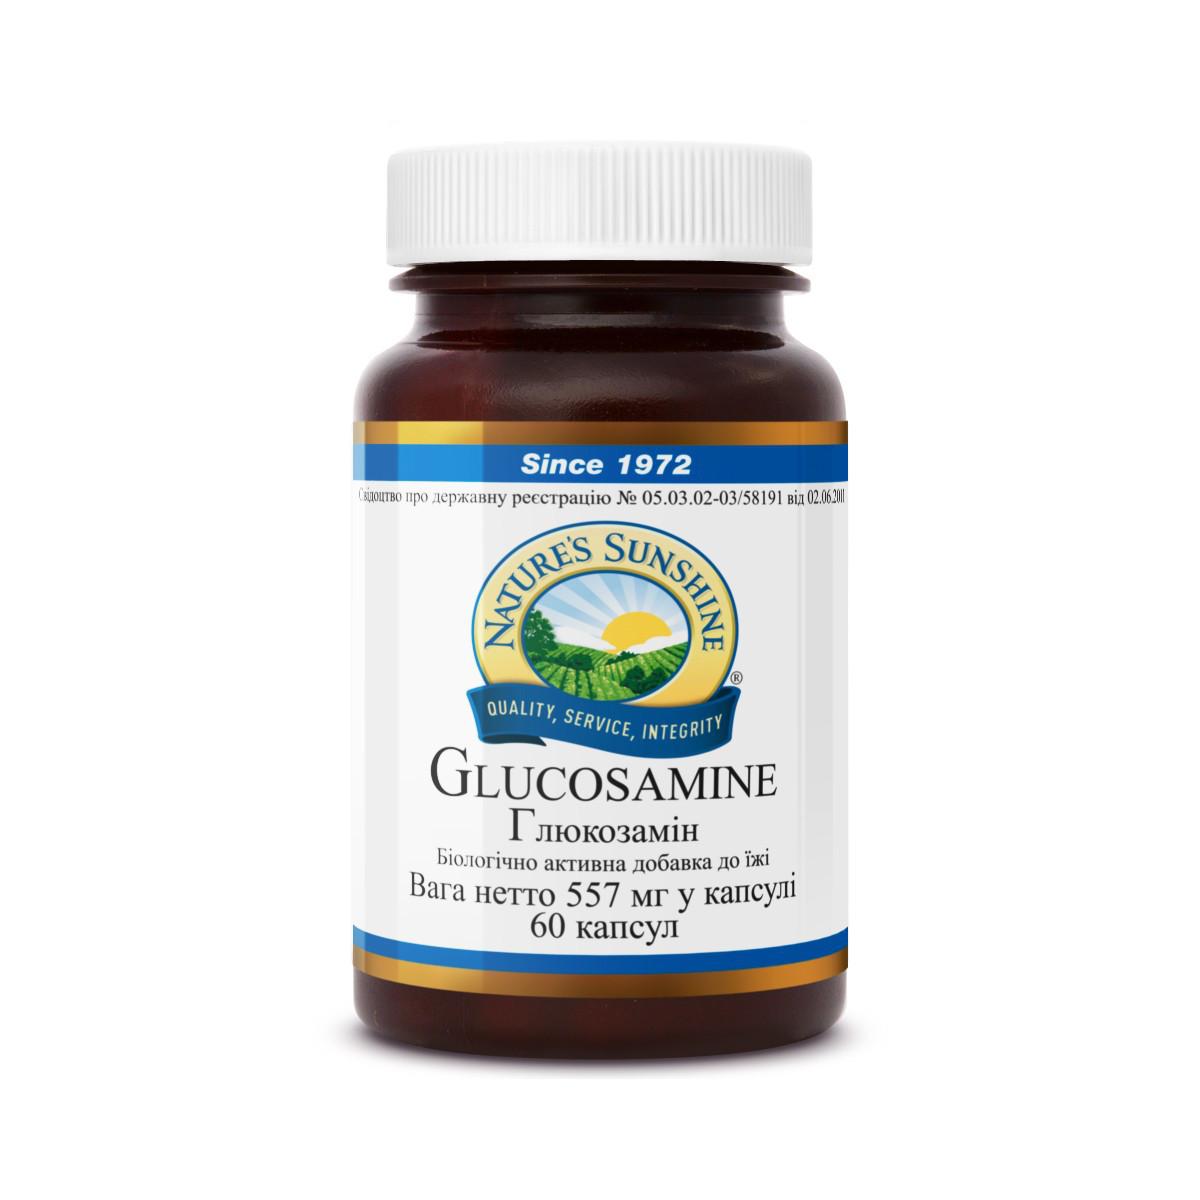 Глюкозамин БАД НСП - лучший хондропротектор при остеохондрозе, для позвоночника,коленных суставов, спортсменам